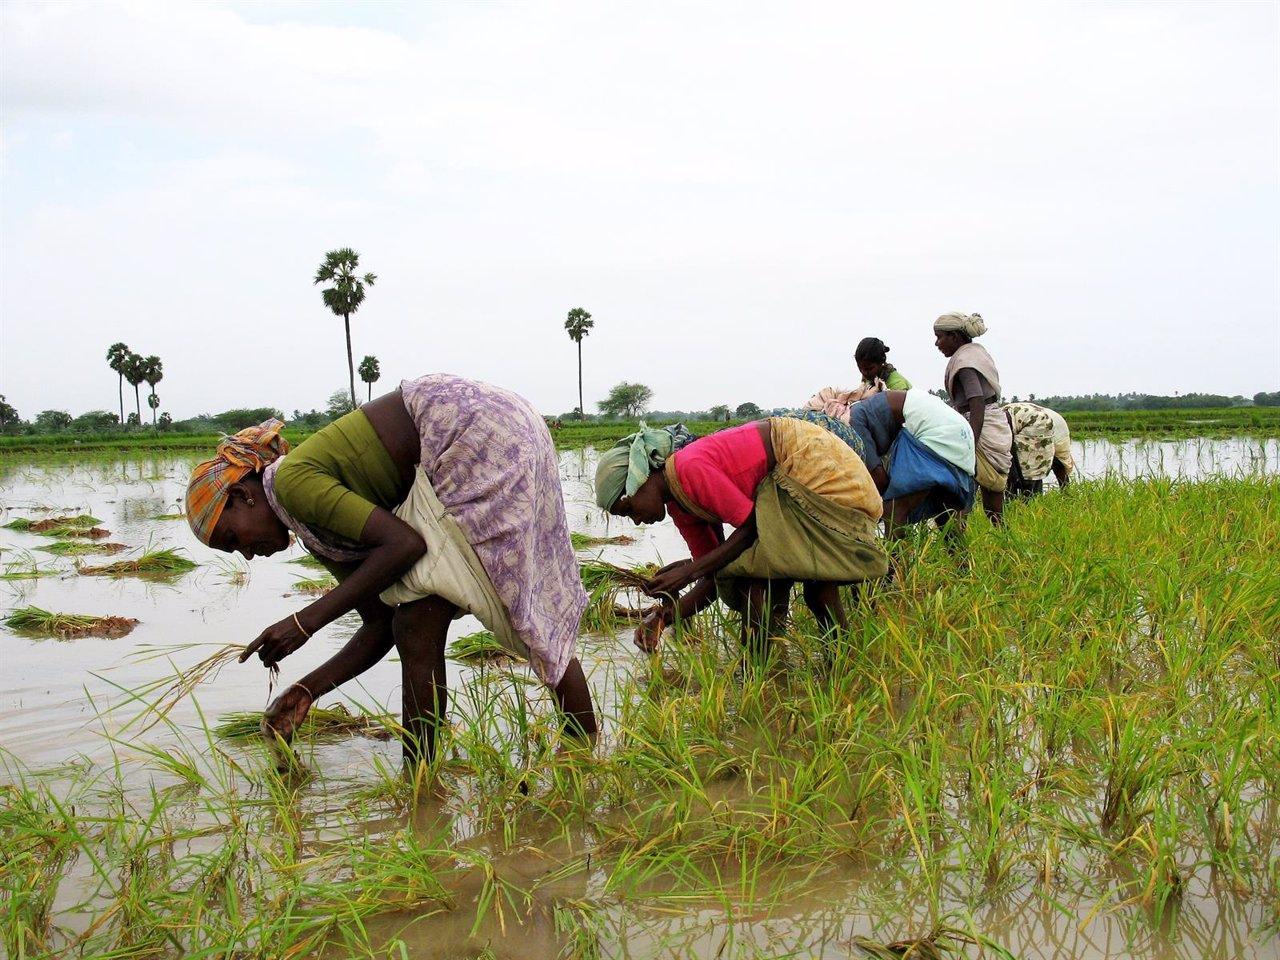 Mujeres plantando en India